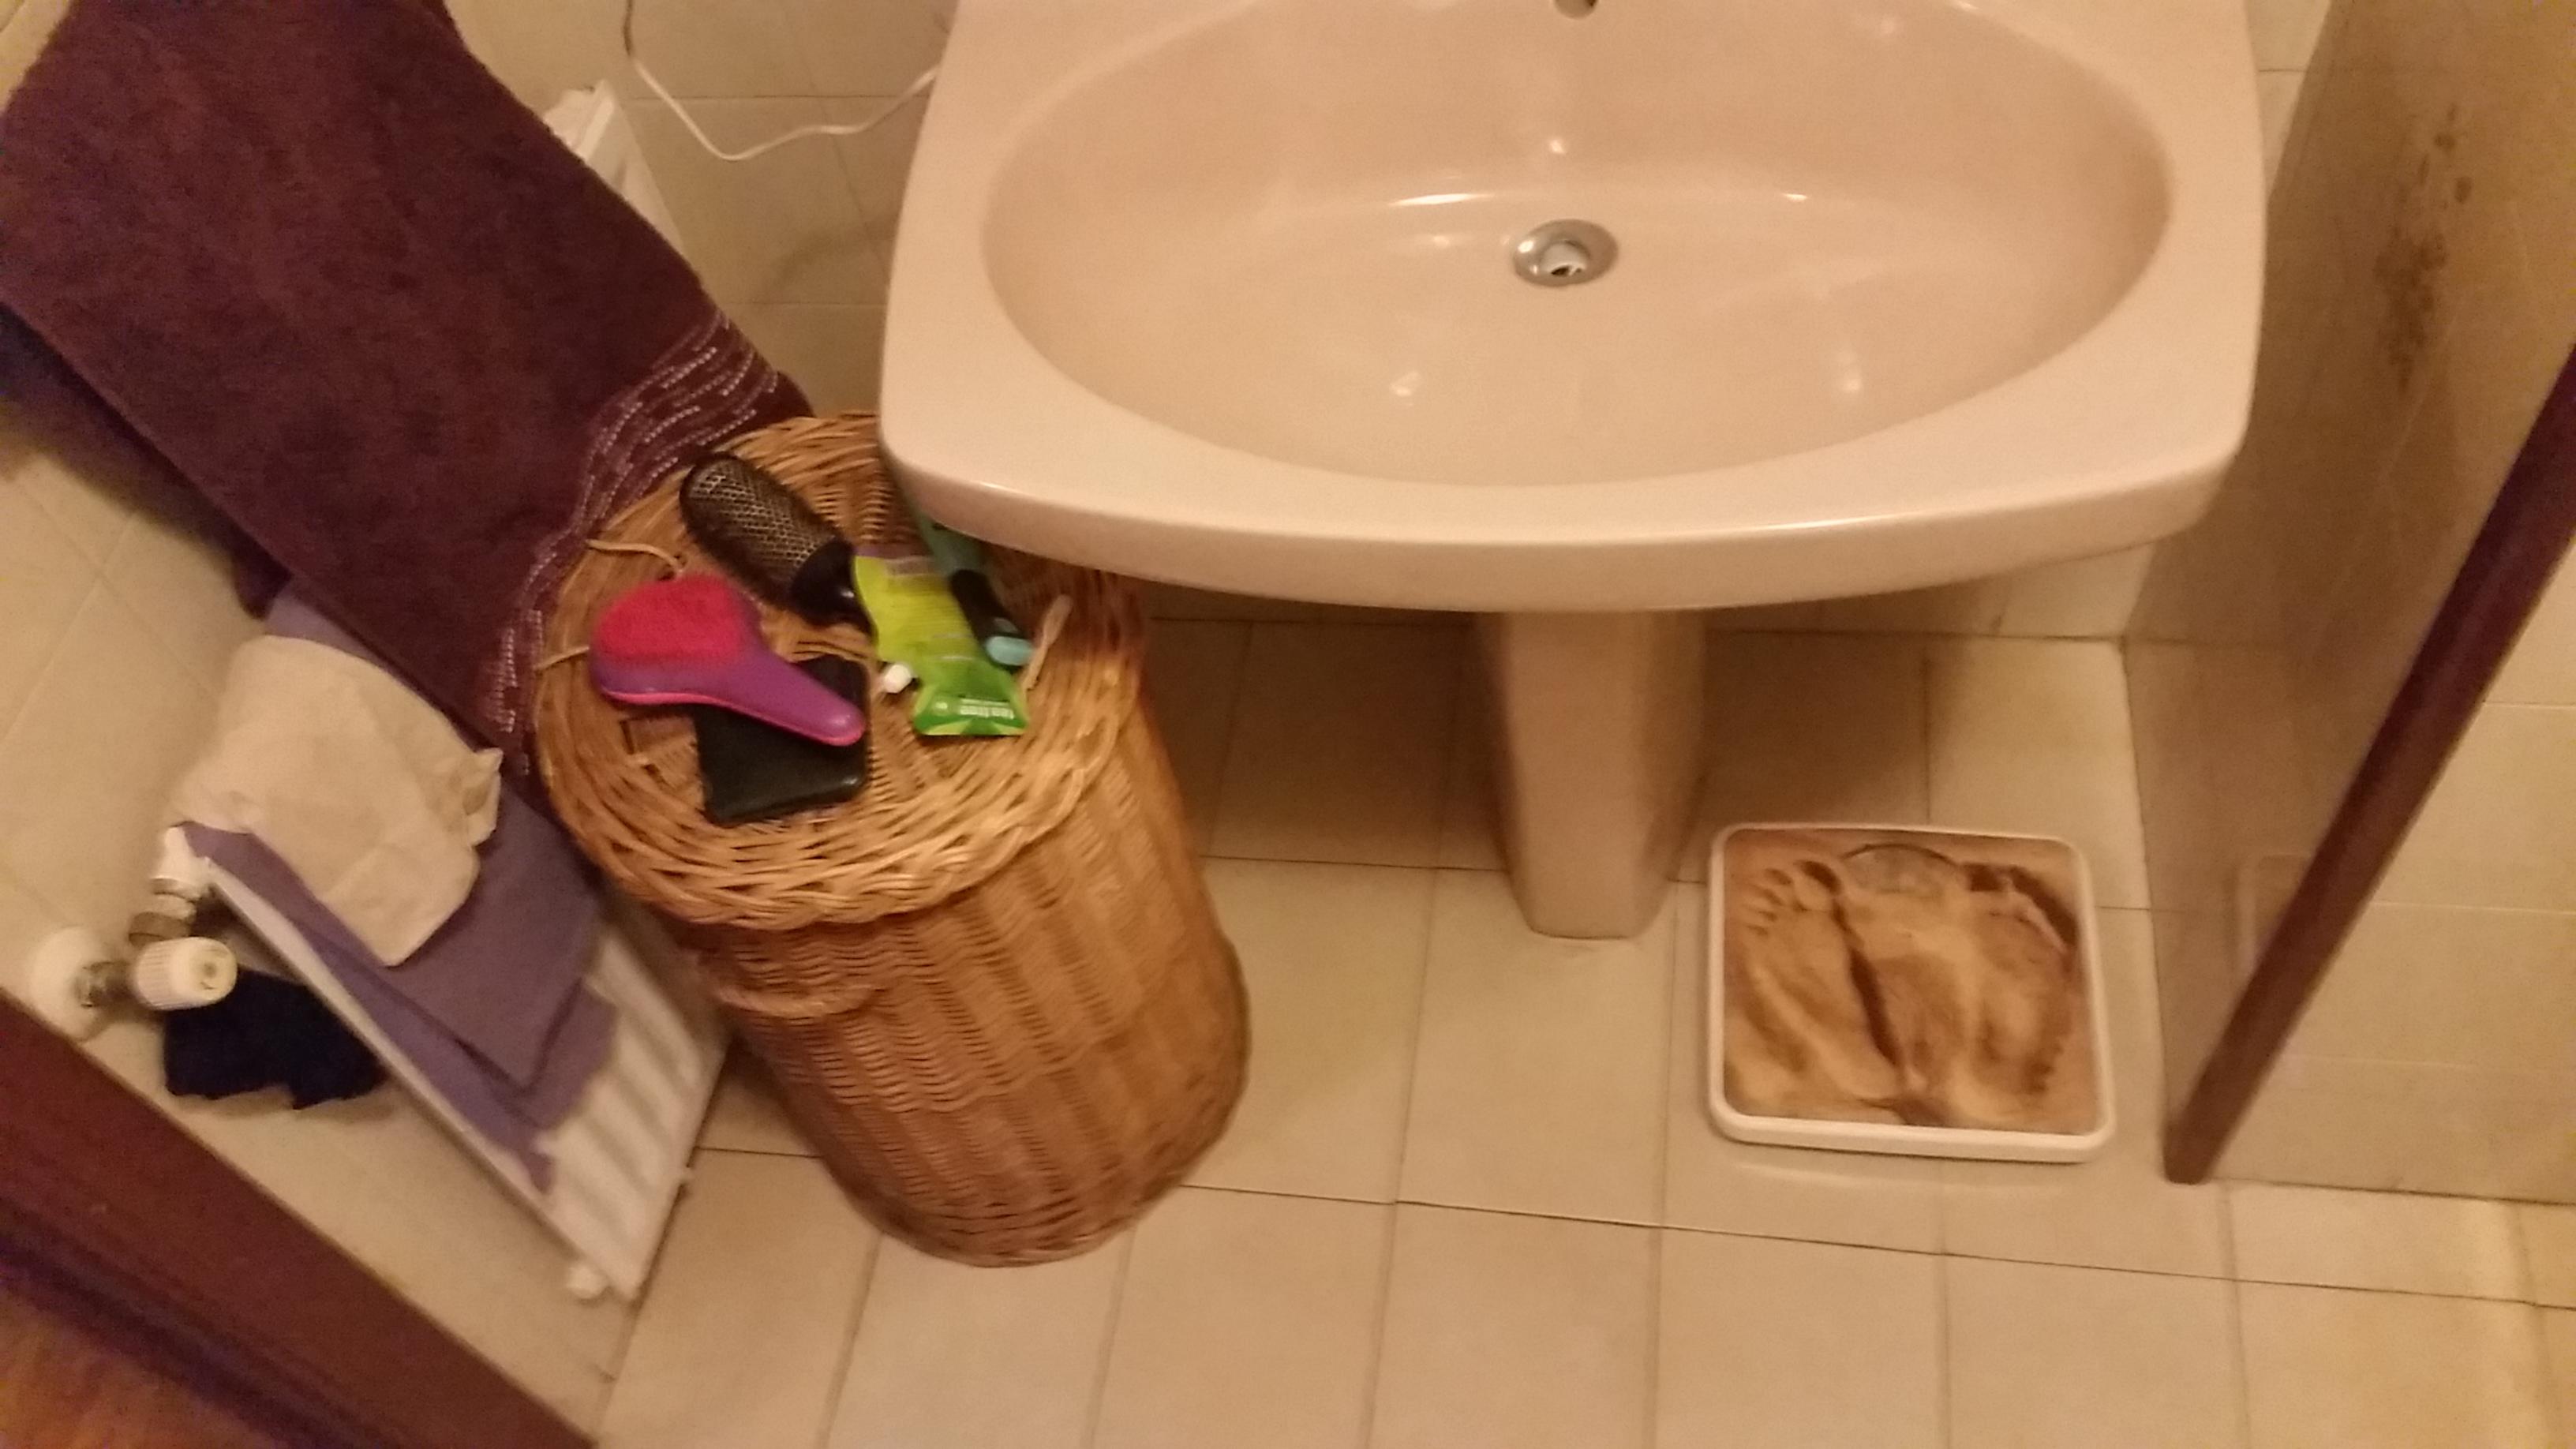 antes-Baños-express-Baño-reforma-coruña-cambio bañera por plato de ducha-aseo-renovar-contratista-empresa-de-reformas-renueve su casa2